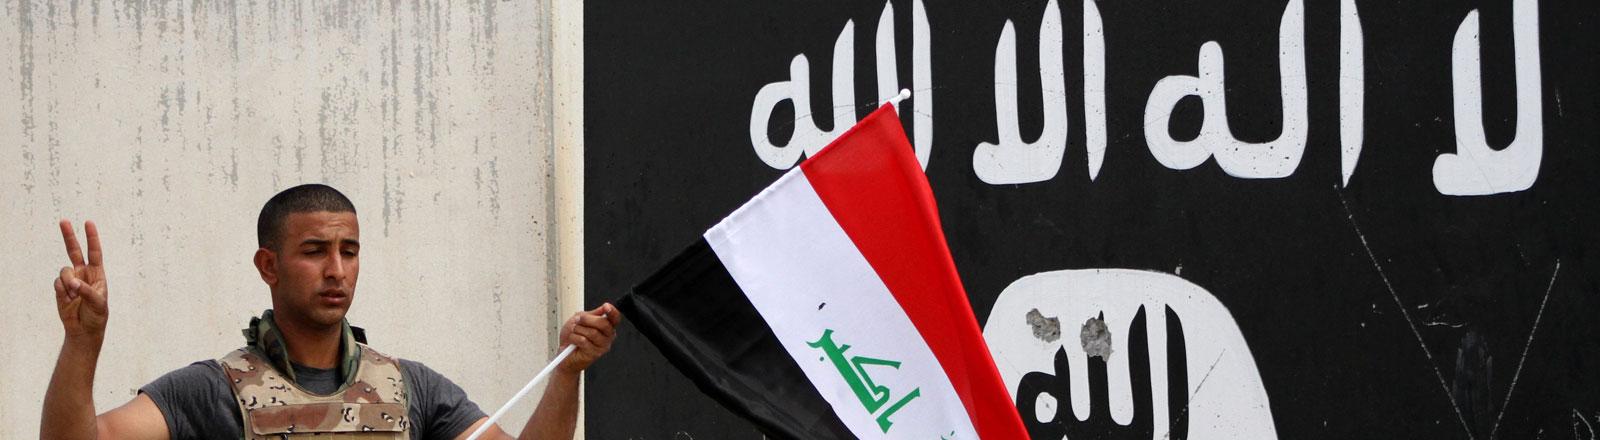 Ein irakischer Soldat hält die Flagge des Irak vor eine Mauer auf die die Flagge des IS gemalt ist nachdem die Stadt Tikrit befreit wurde